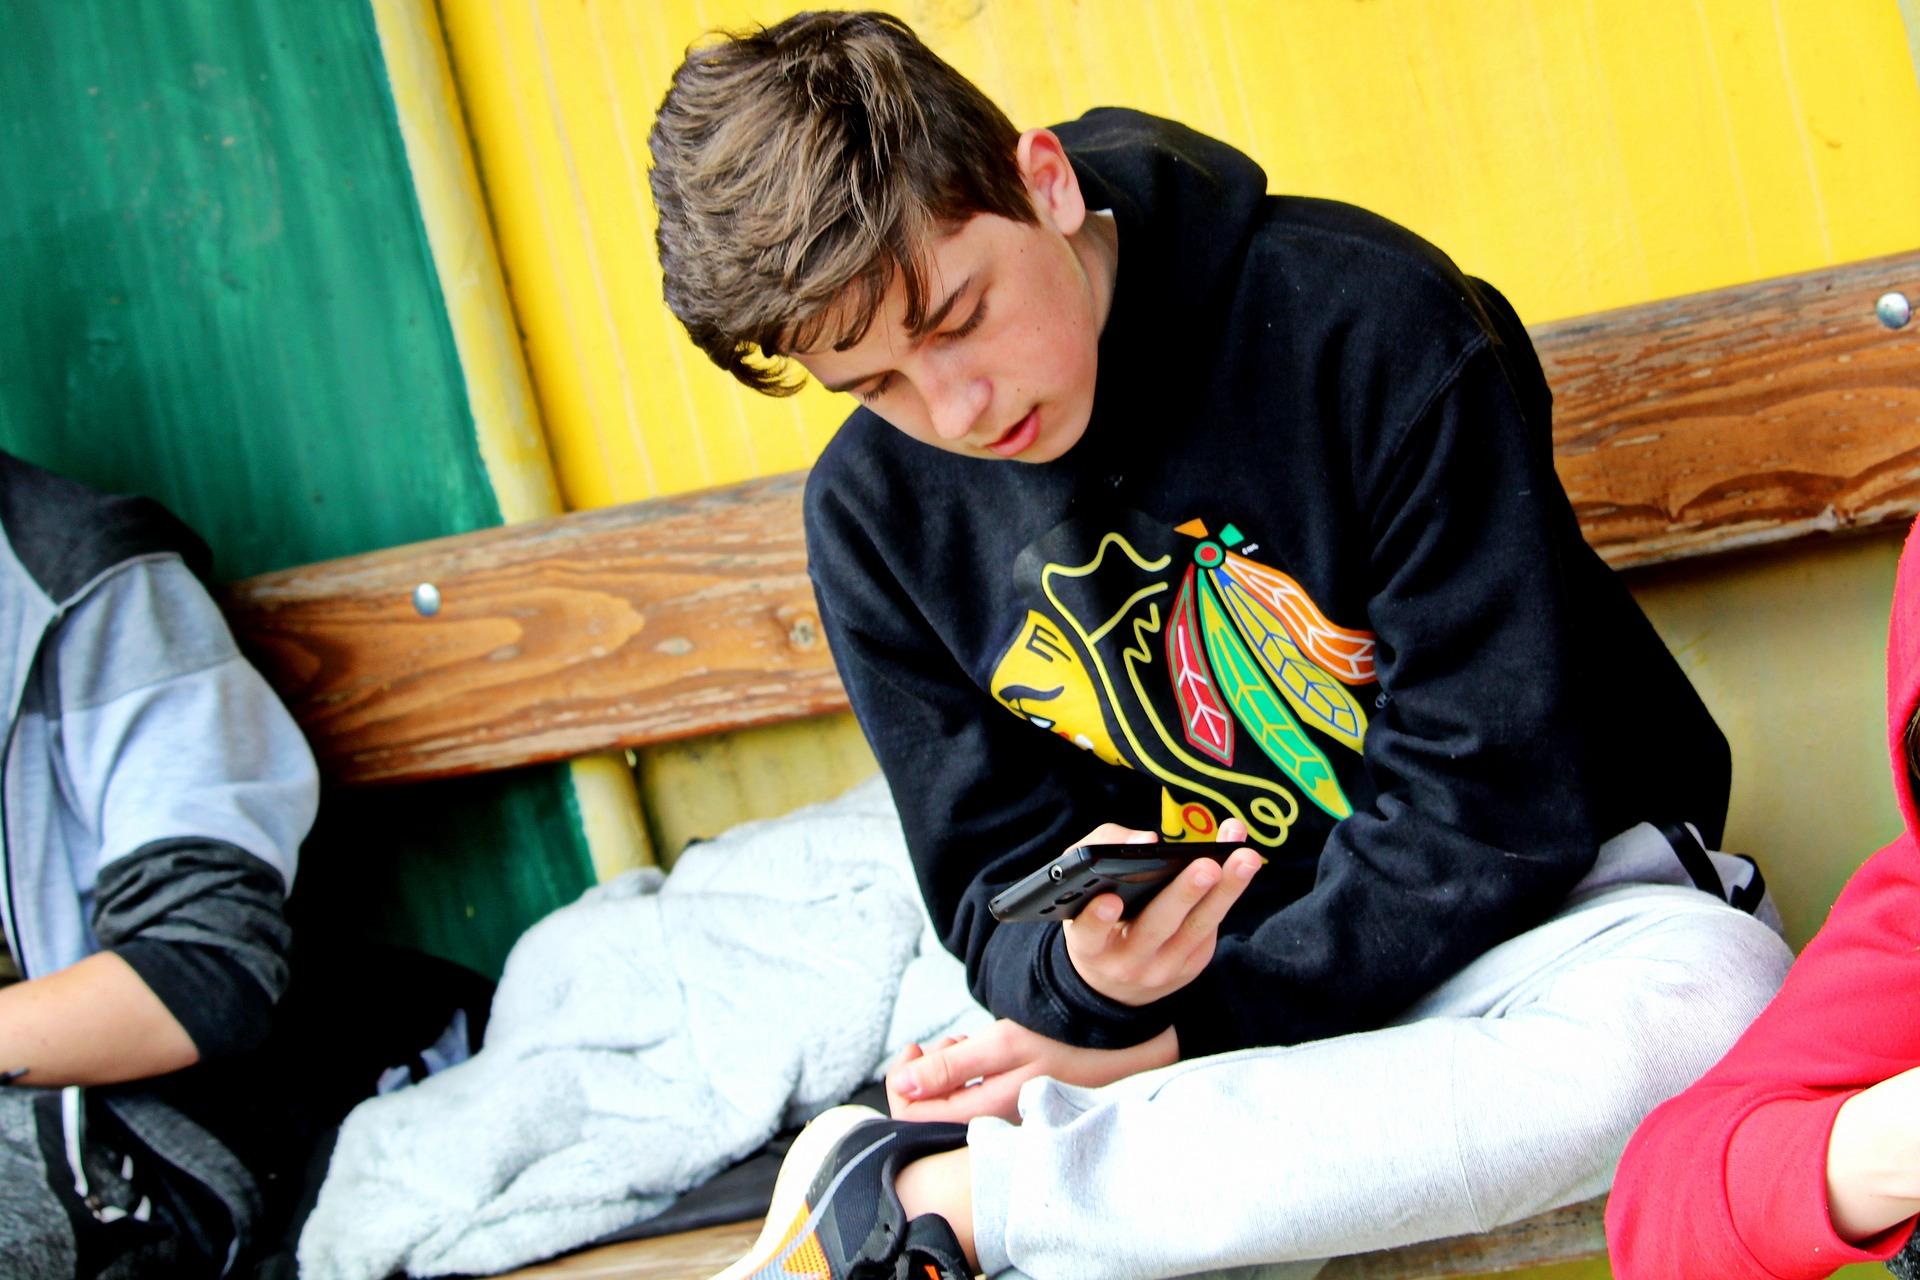 Nastolatkowie z nudów zgłaszali fałszywe interwencje - Zdjęcie główne